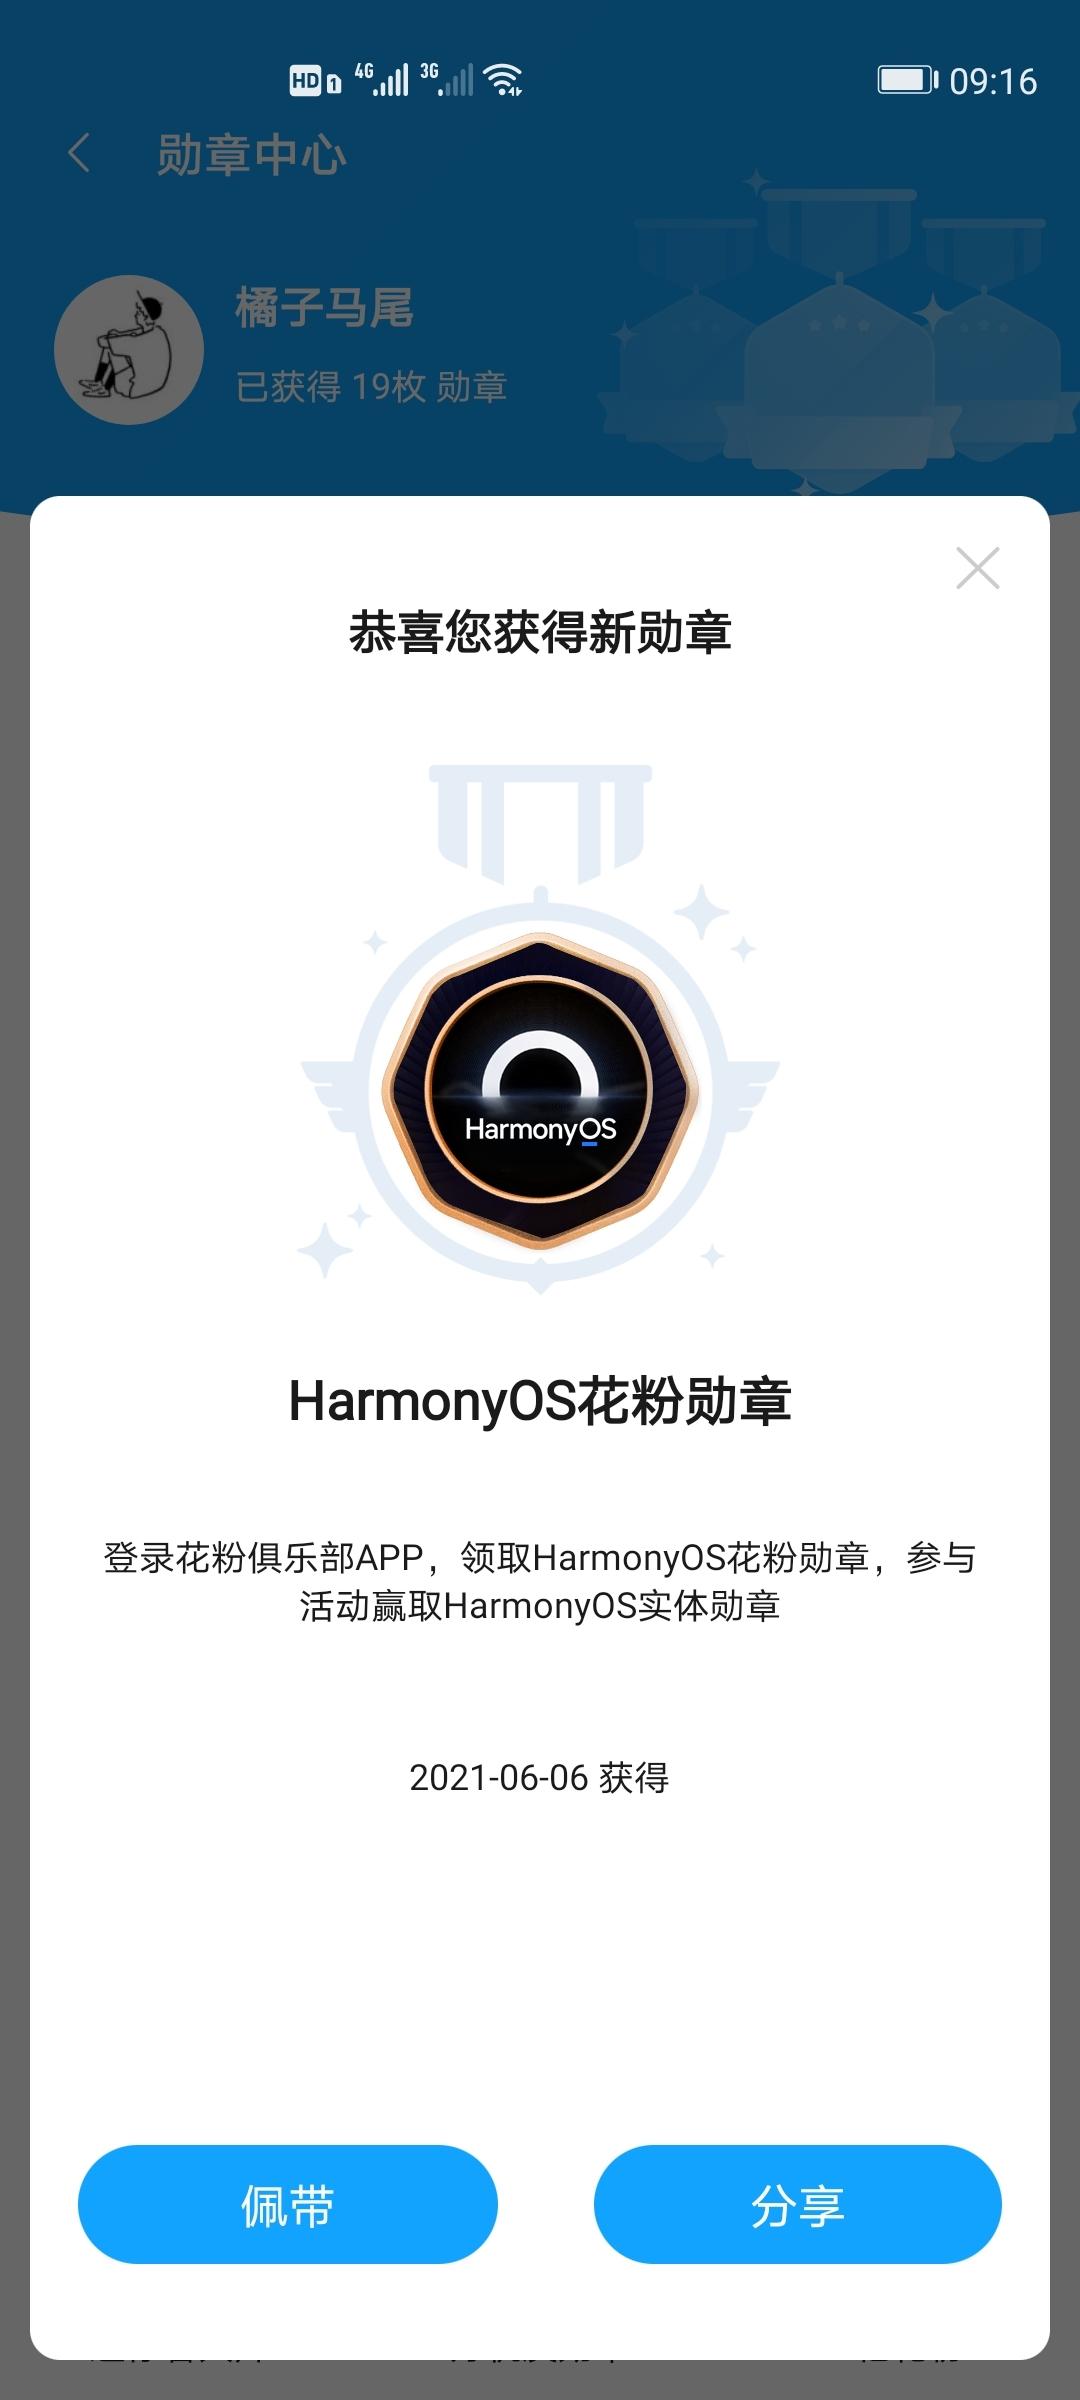 Screenshot_20210606_091639_com.huawei.fans.jpg